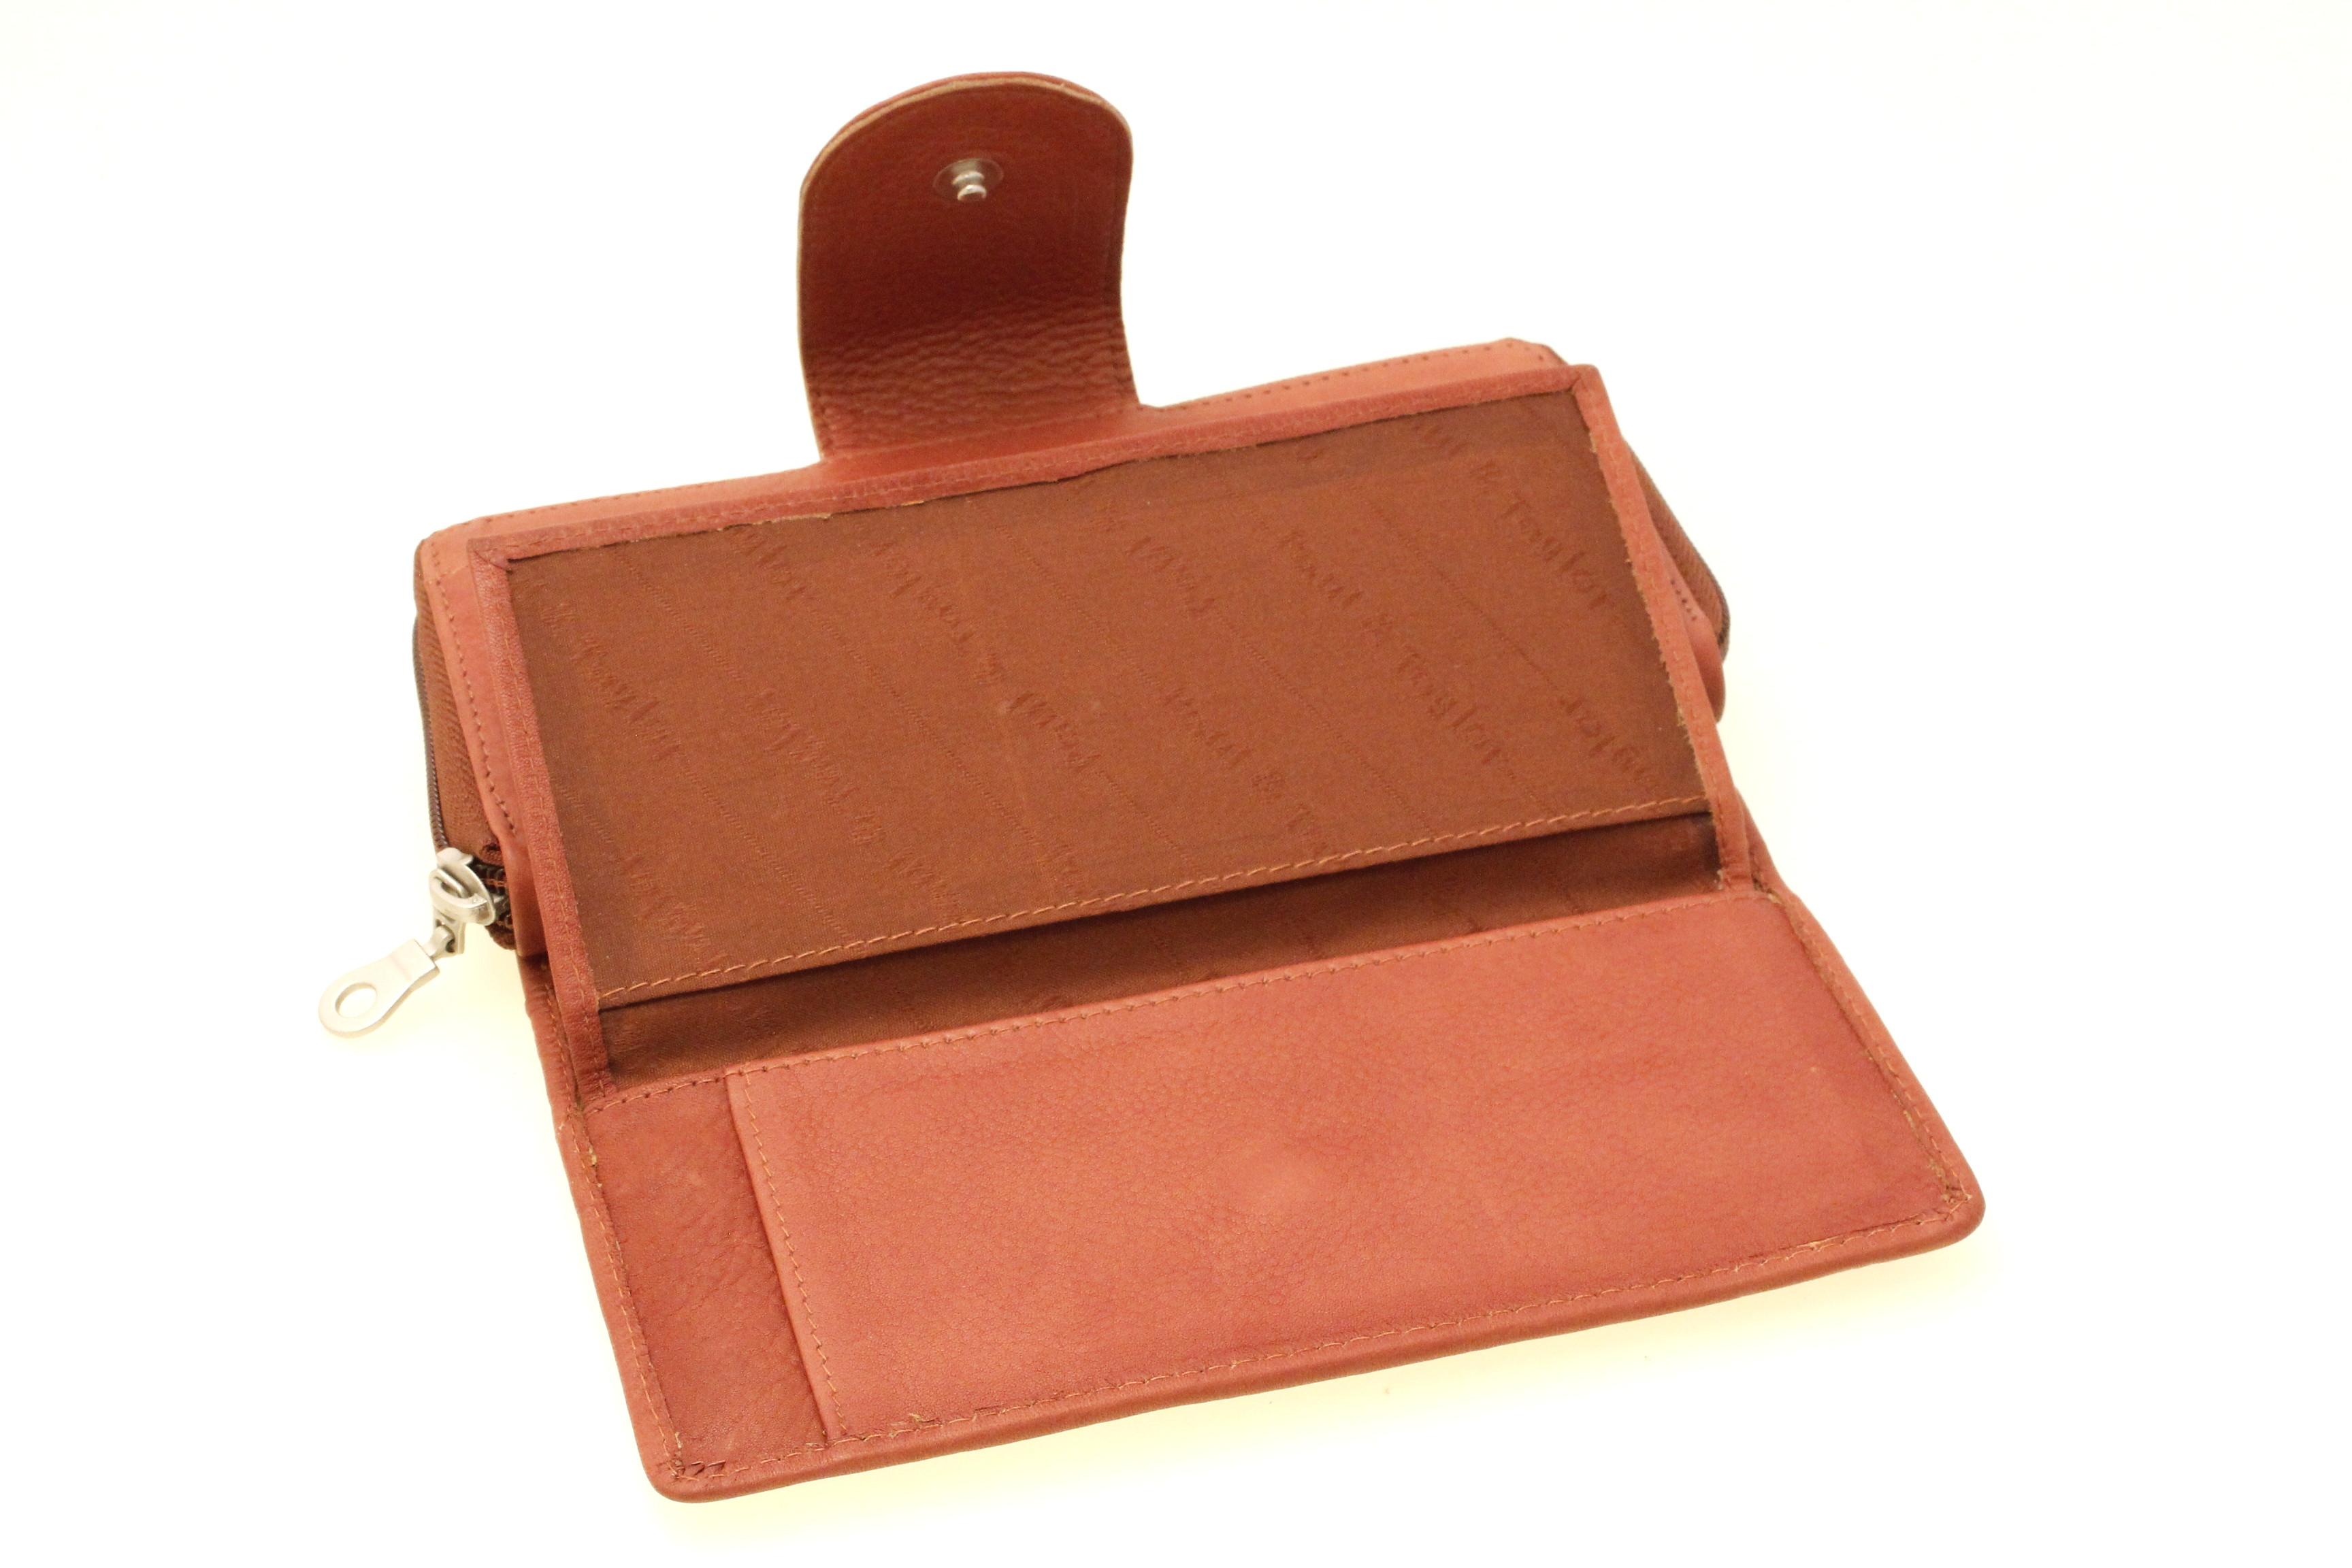 Womens Wallet Clutch Organizer Checkbook Genuine Leather ...